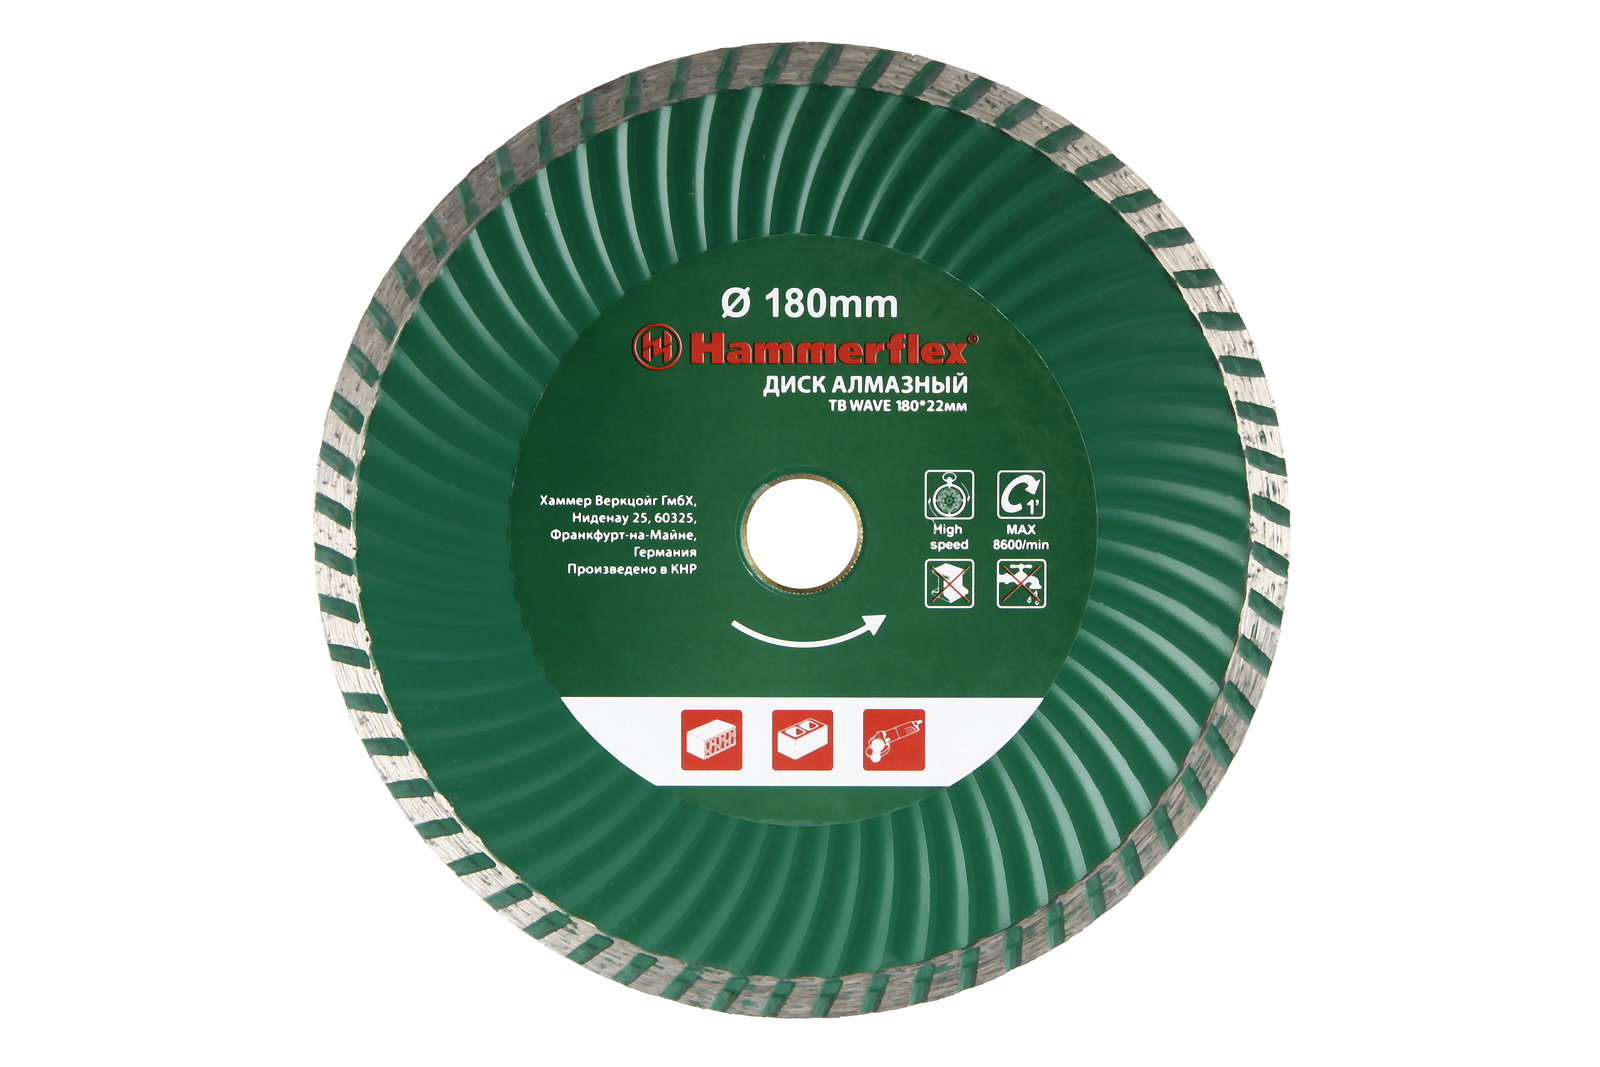 Круг алмазный Hammer 206-119 db tb wave круг алмазный практика 030 740 da 180 22t 180 х 22 турбо